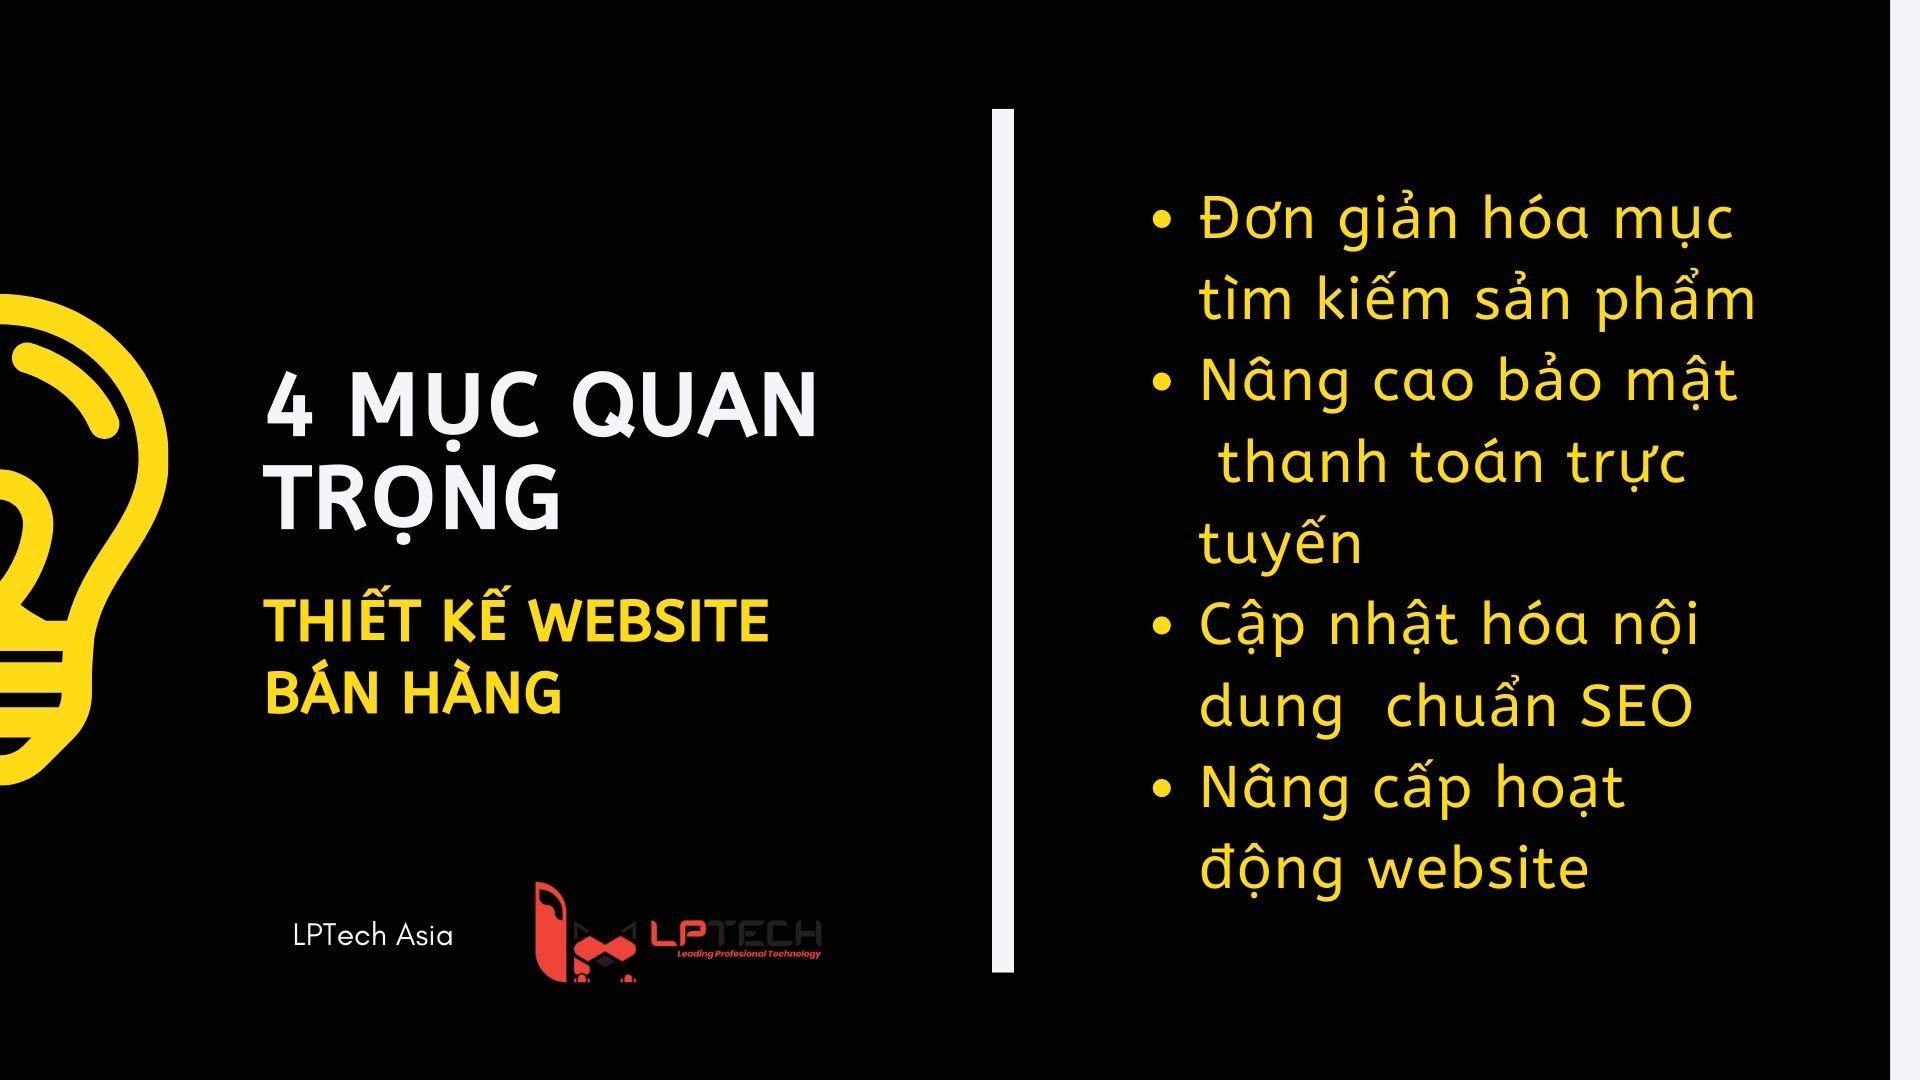 Bốn mục quan trọng trong thiết kế website bán hàng